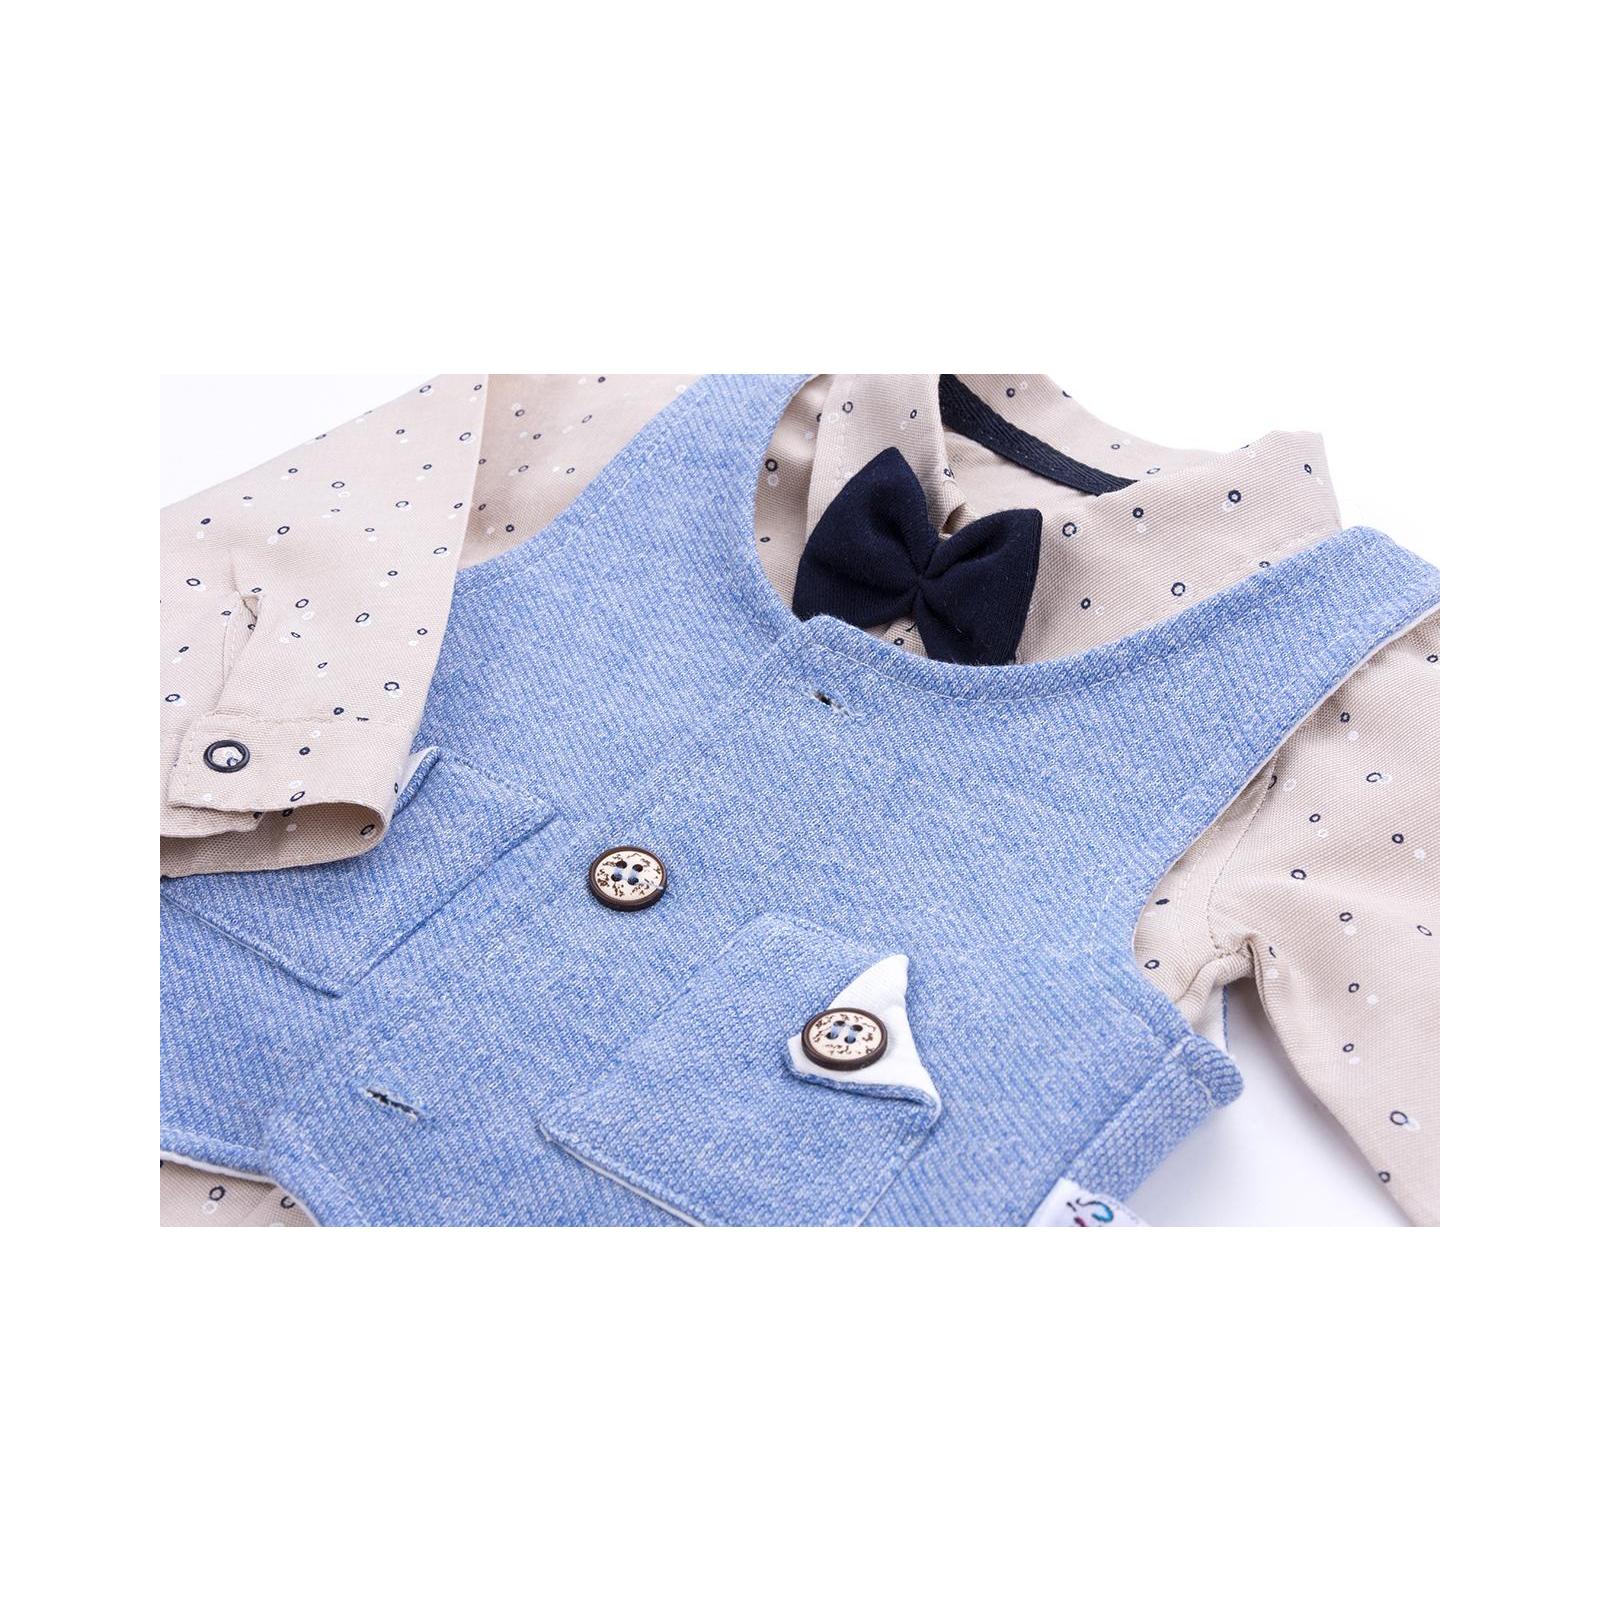 Набор детской одежды Necix's тройка с жилетом (9082-9B-blue) изображение 8